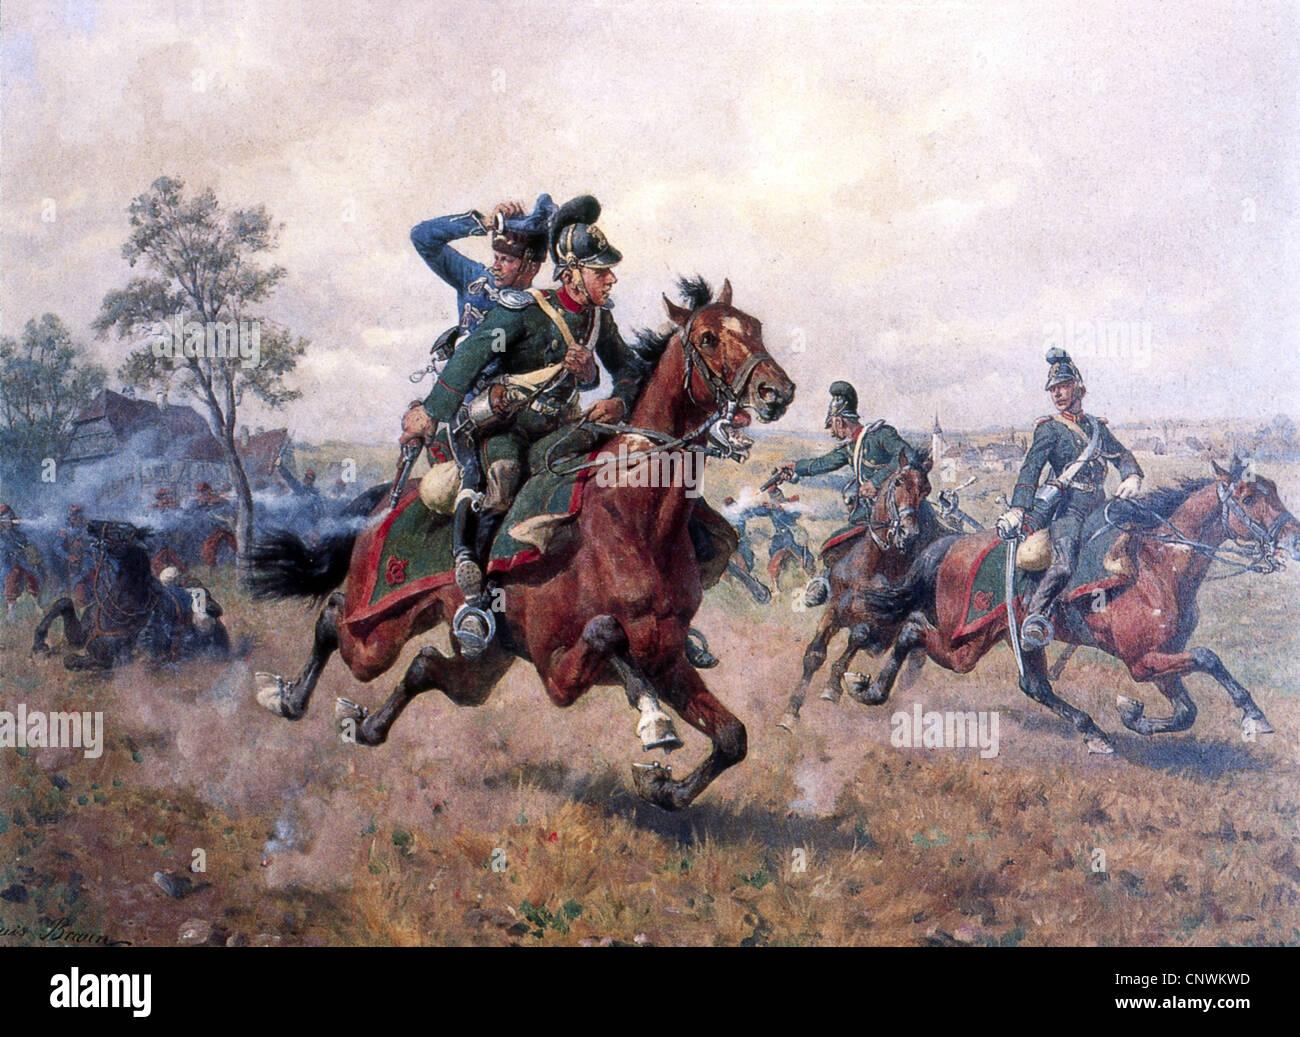 Veranstaltungen, preußisch-französischen Krieg 1870-1871, scharmützel an Sturzelbronn, 1.8.1870, der Bayerischen Stockfoto